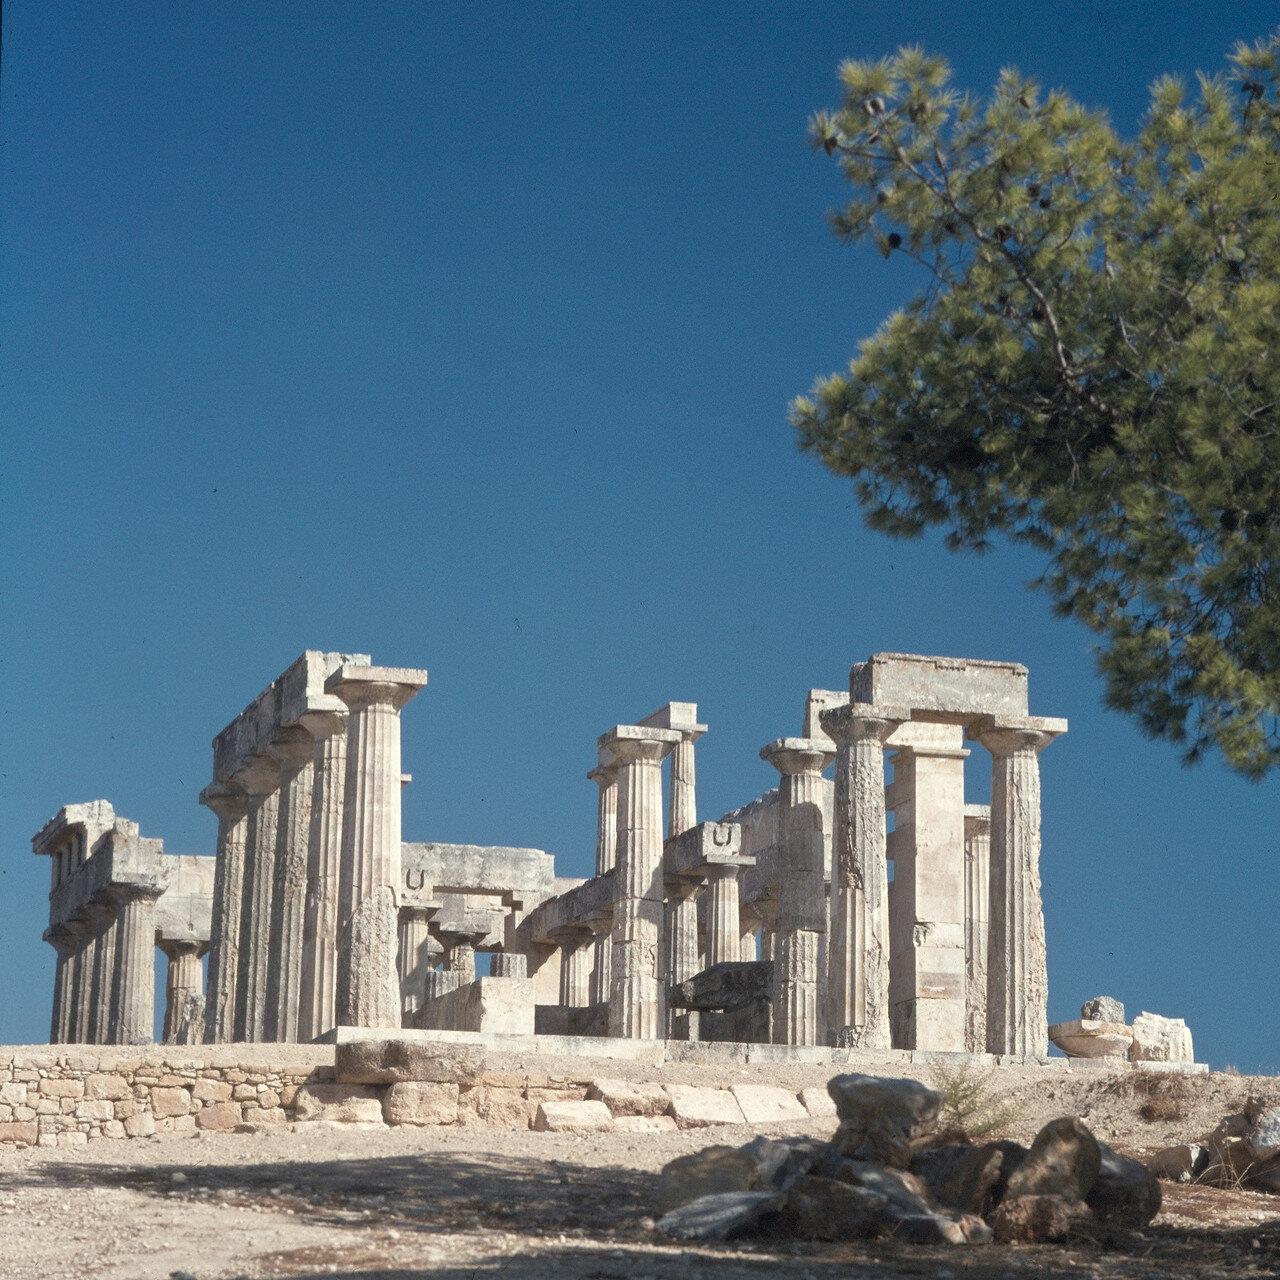 02. Он находился в 13 км. восточнее столицы Эгины и был построен около 500 года до н. э. на месте более старого храма, существовавшего с ок. 570 г. до н. э. и разрушенного в результате пожара в ок. 510 г. до н. э.На снимке: перибол и западная часть храма